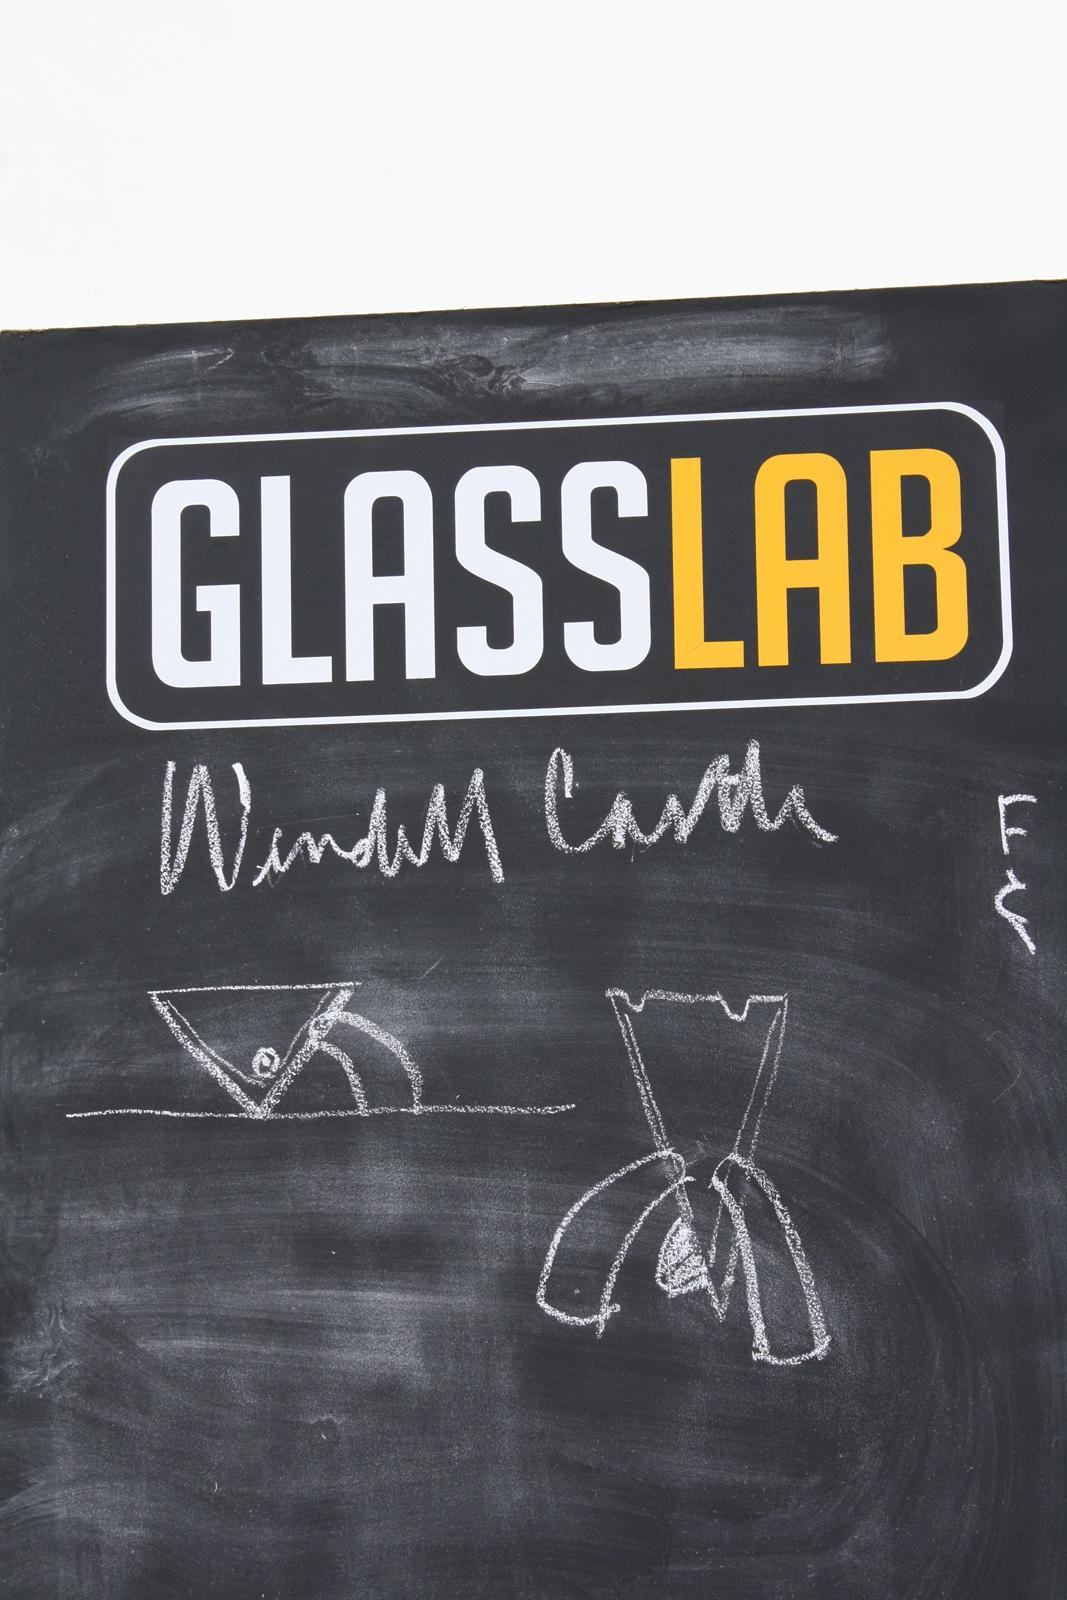 Designer Wendell Castle at GlassLab